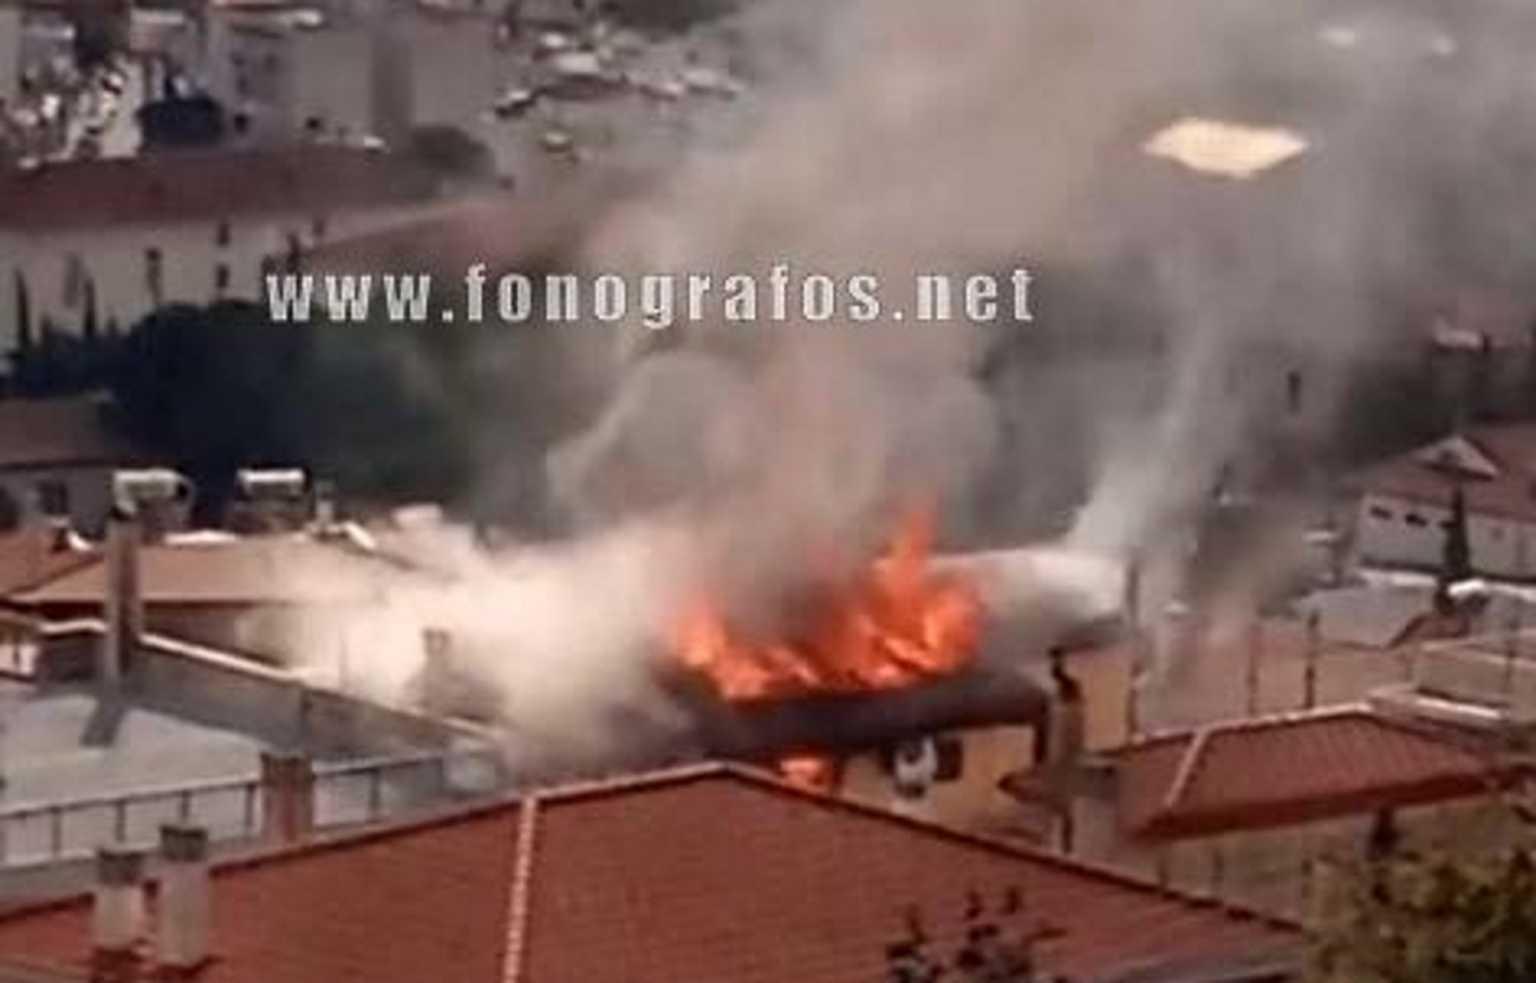 Μεγάλη φωτιά στη Λαμία: Καταστράφηκε ένας ολόκληρος όροφος – Εκκενώθηκαν τα διπλανά σπίτια